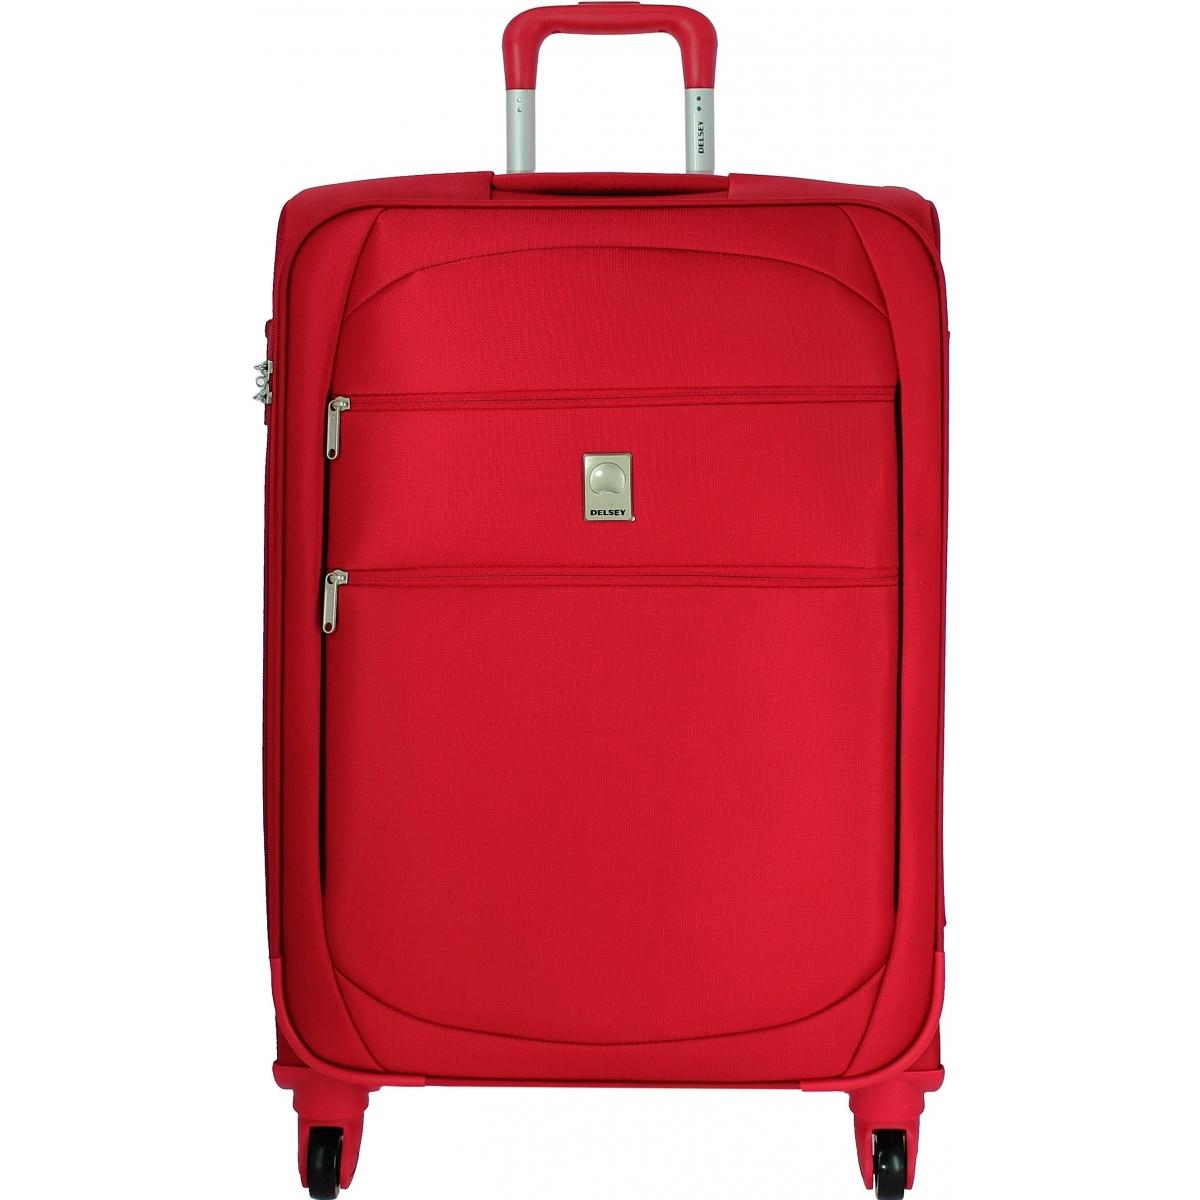 valise souple tsa delsey trip 78cm trip821 couleur principale rouge valise pas cher. Black Bedroom Furniture Sets. Home Design Ideas